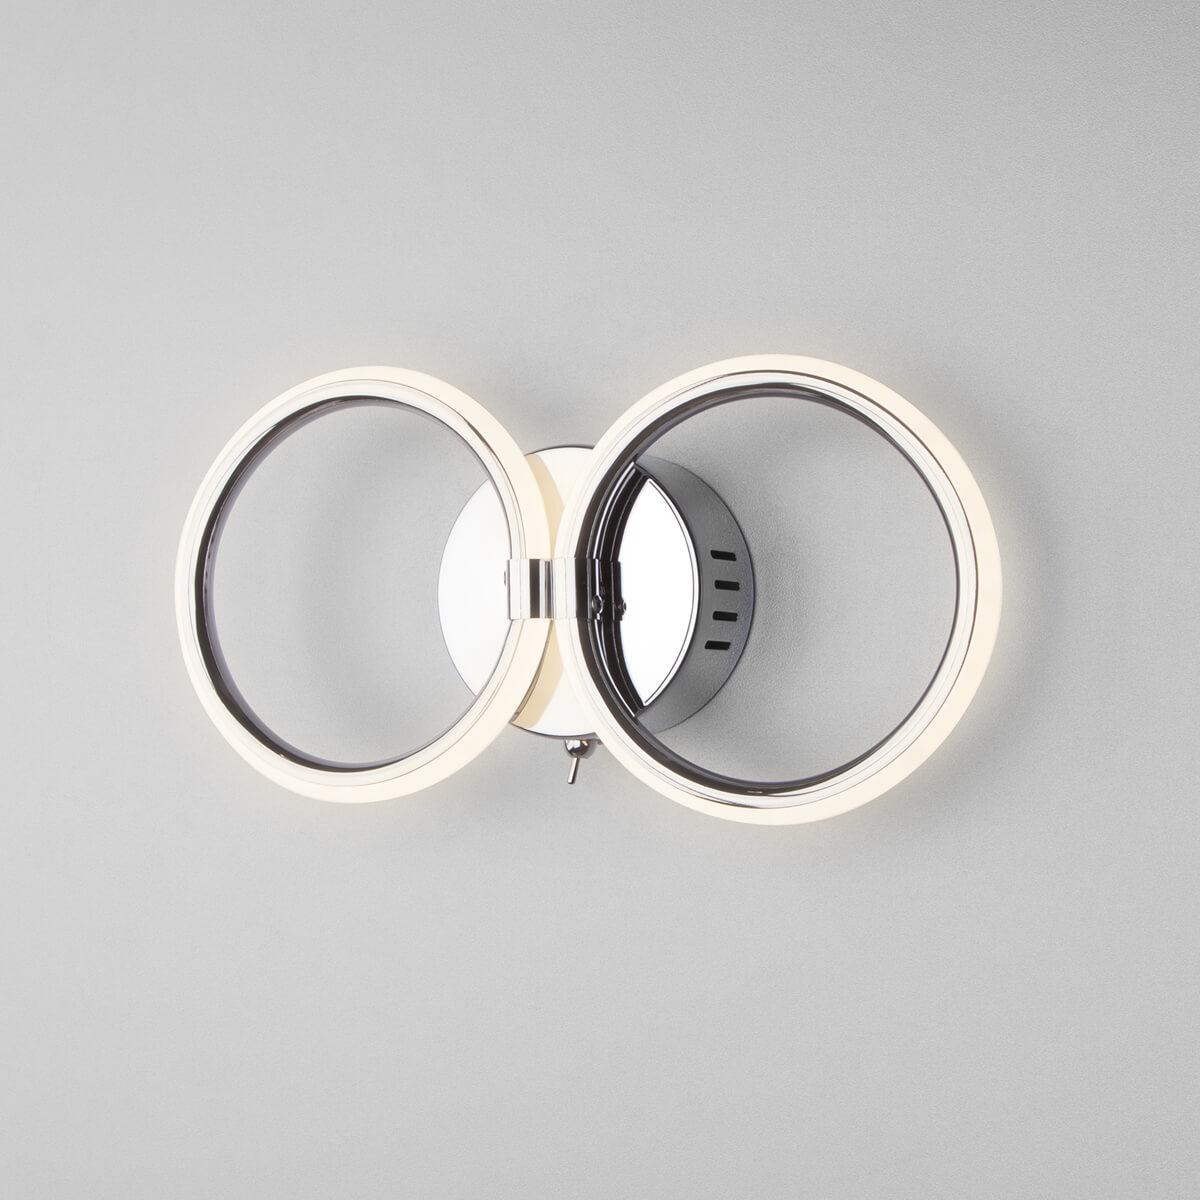 Светильник Eurosvet 90146/2 хром Comfy накладной светильник eurosvet 7077 2 хром